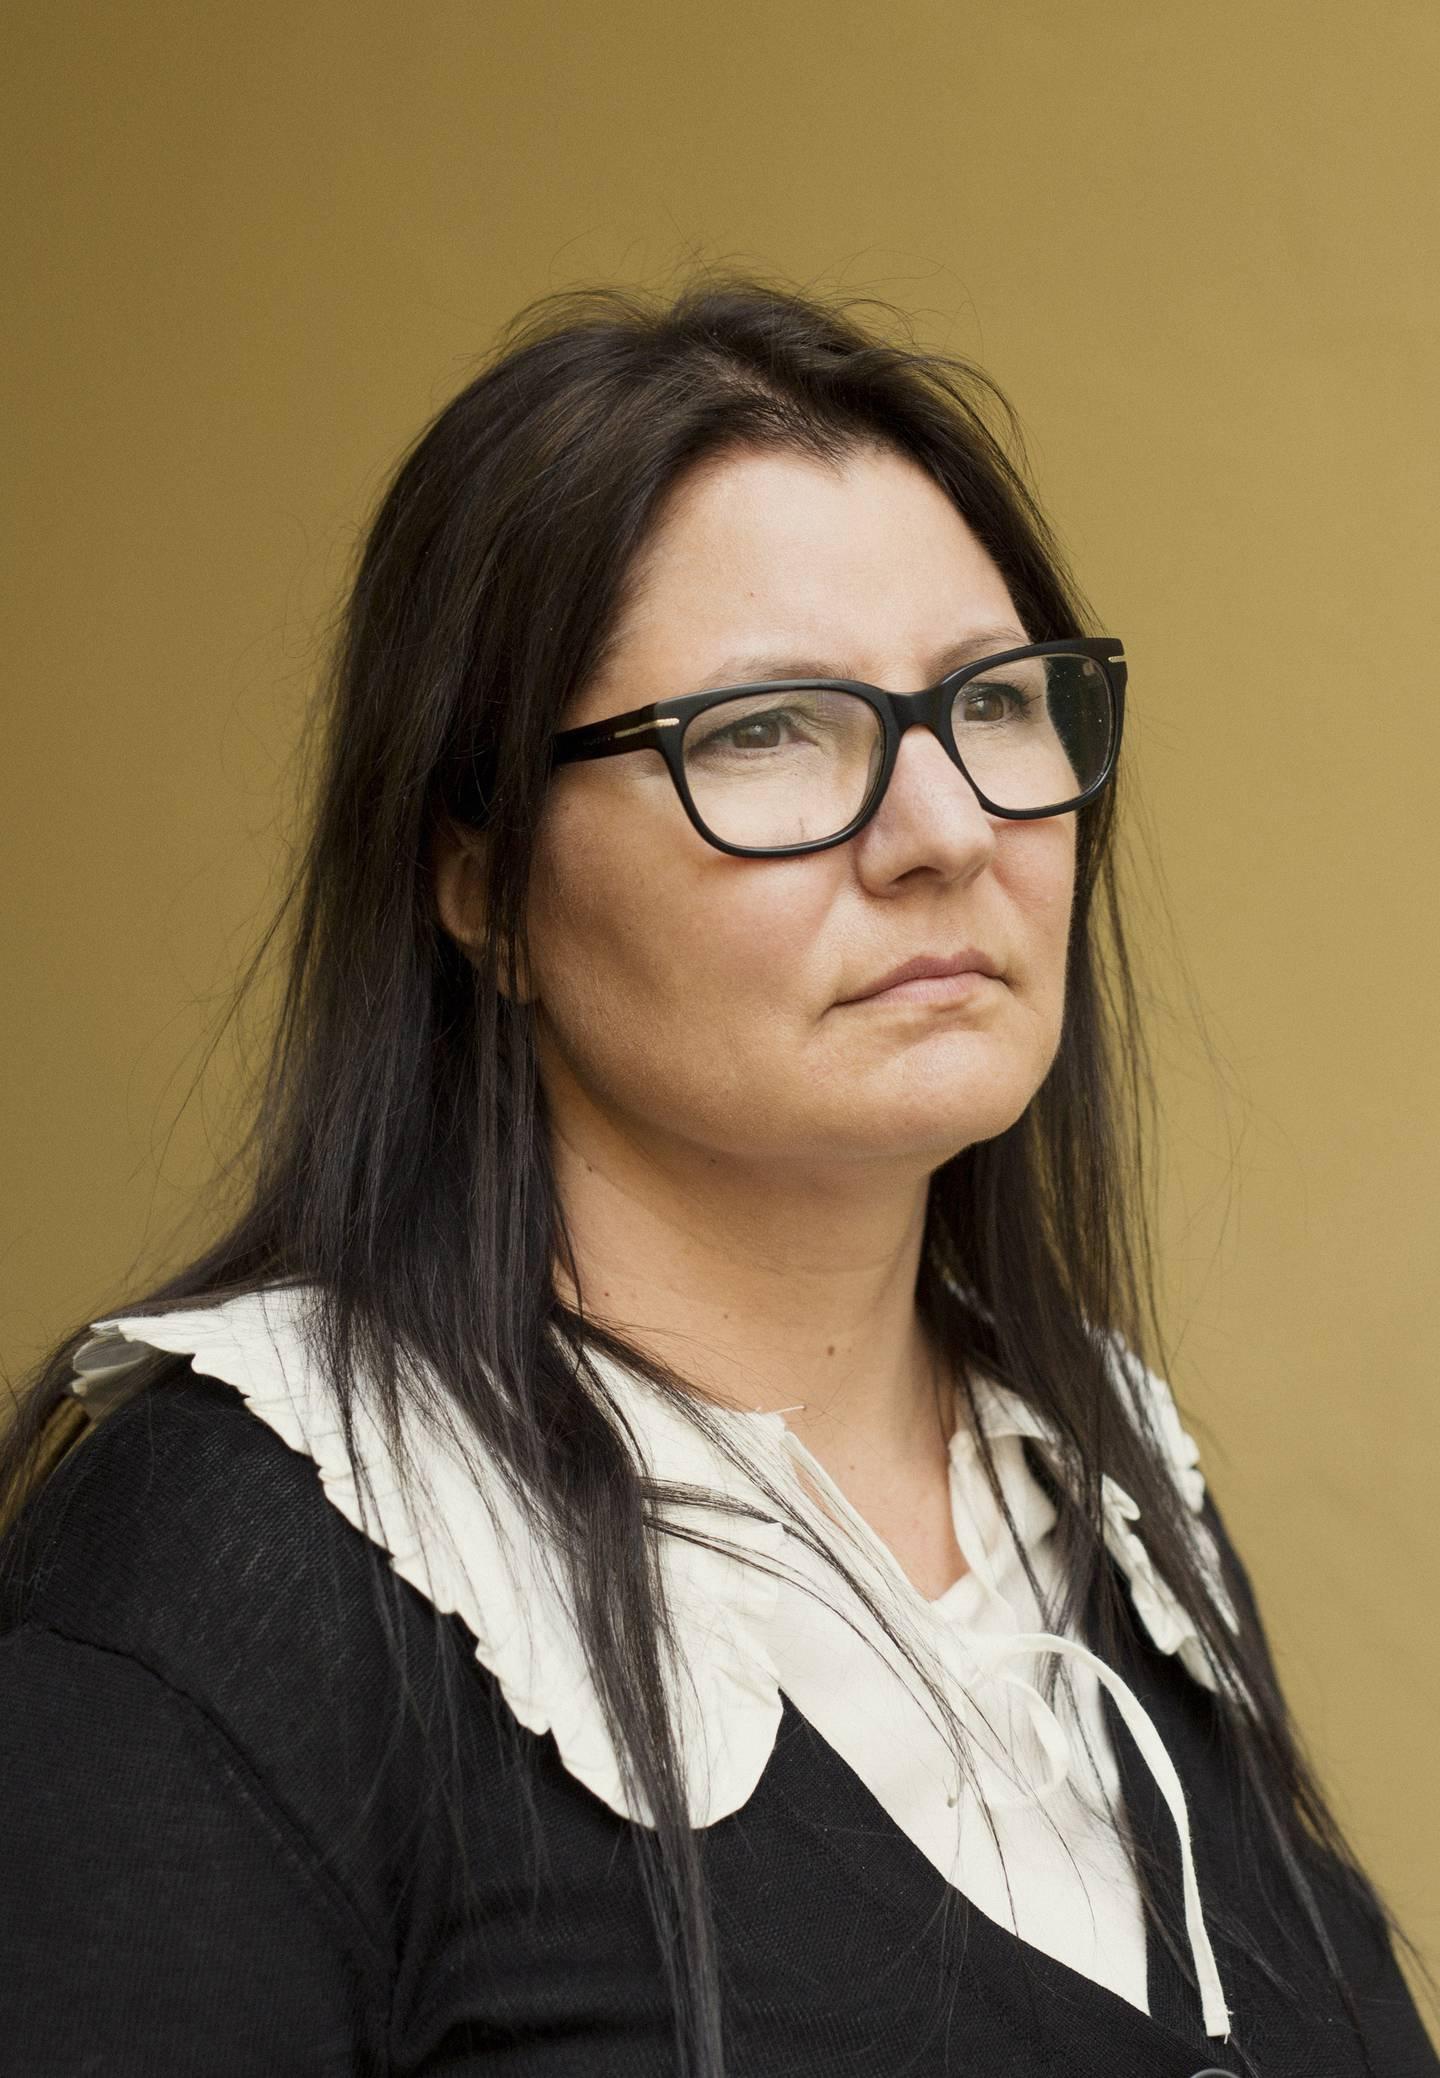 Gry Helen Nygård